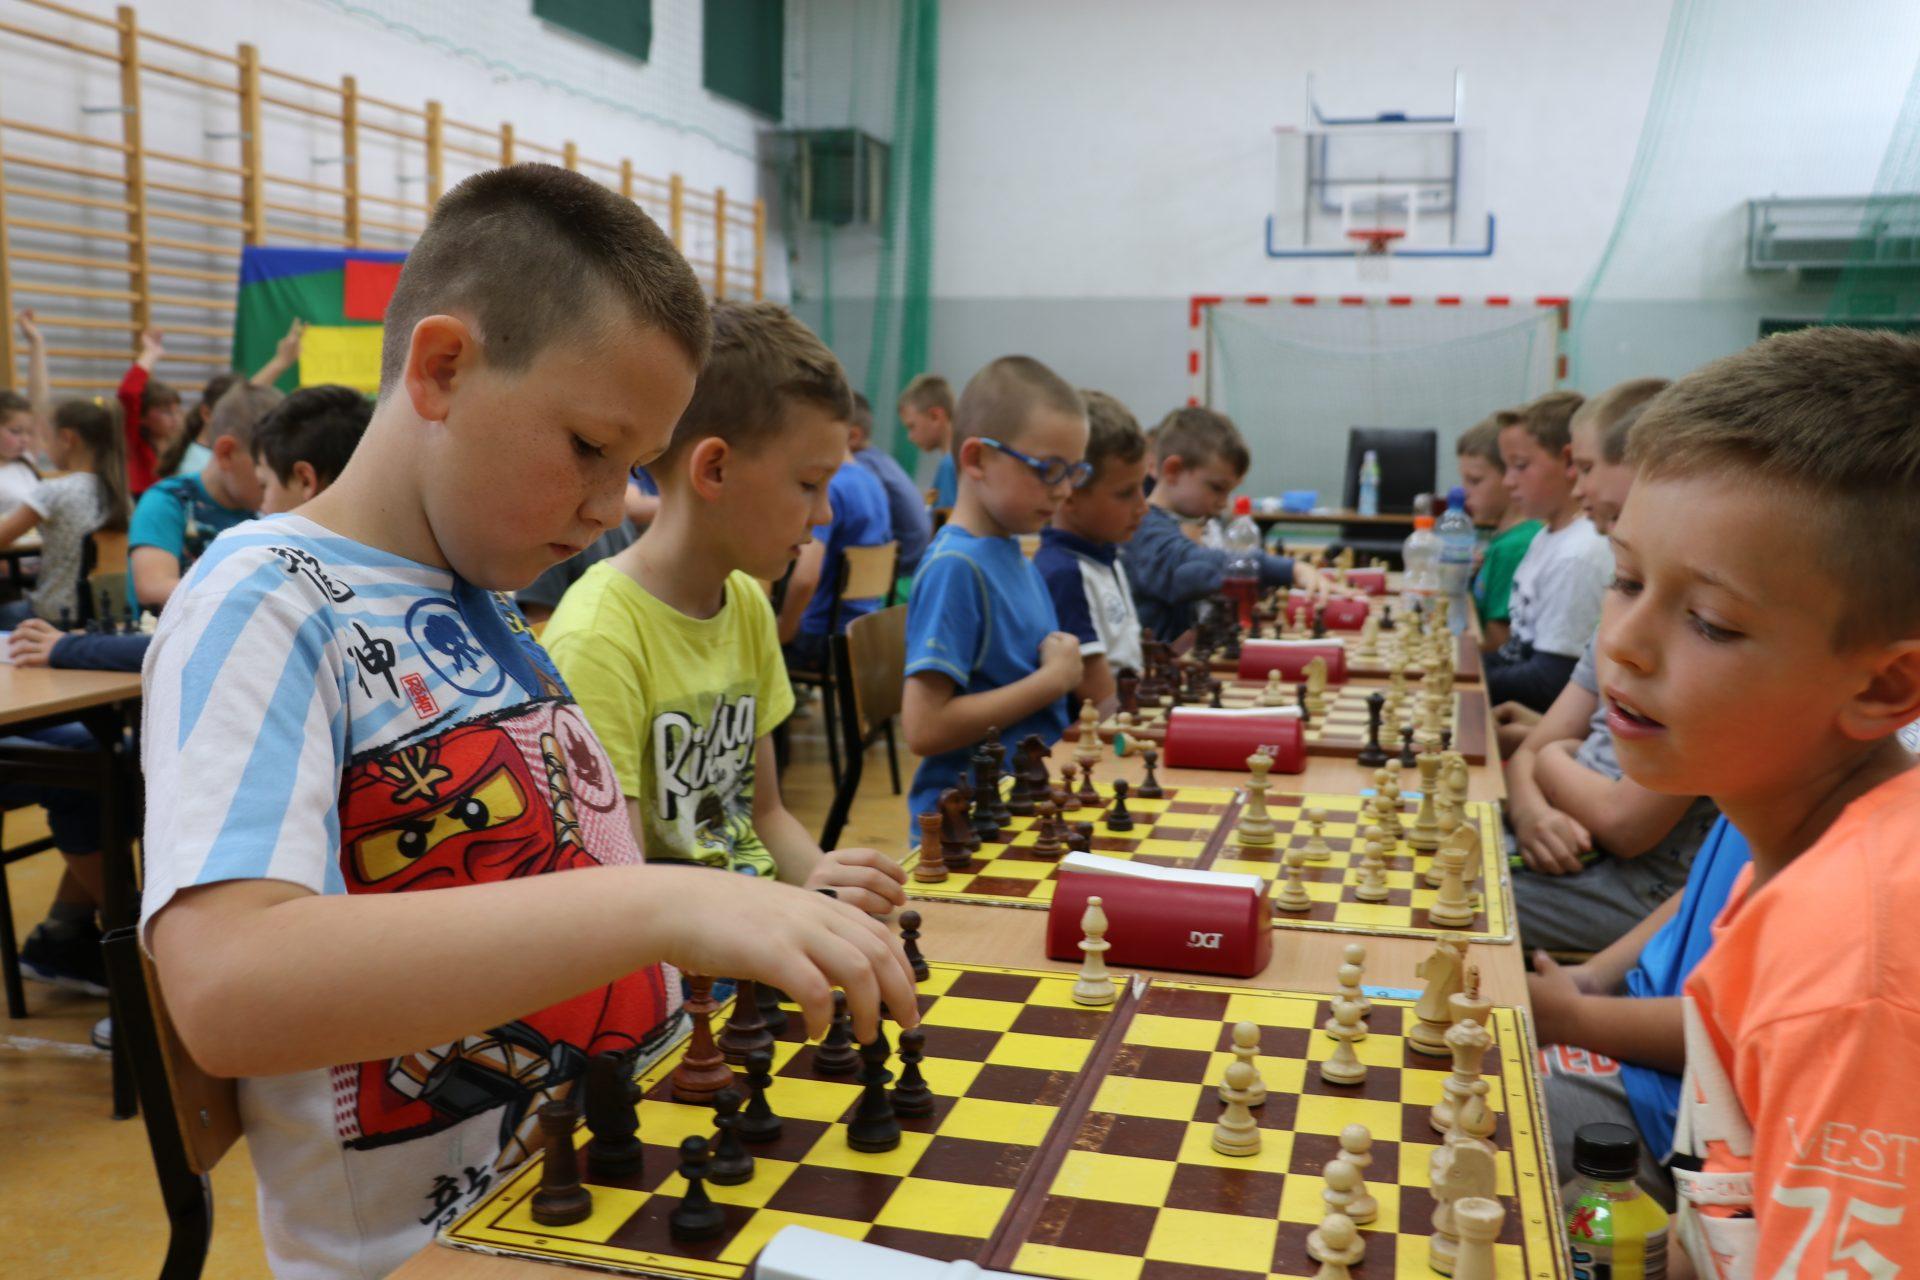 V Szachowe Mistrzostwa Szkoły Podstawowej w Jaworzynie Śląskiej, 06.06.2017